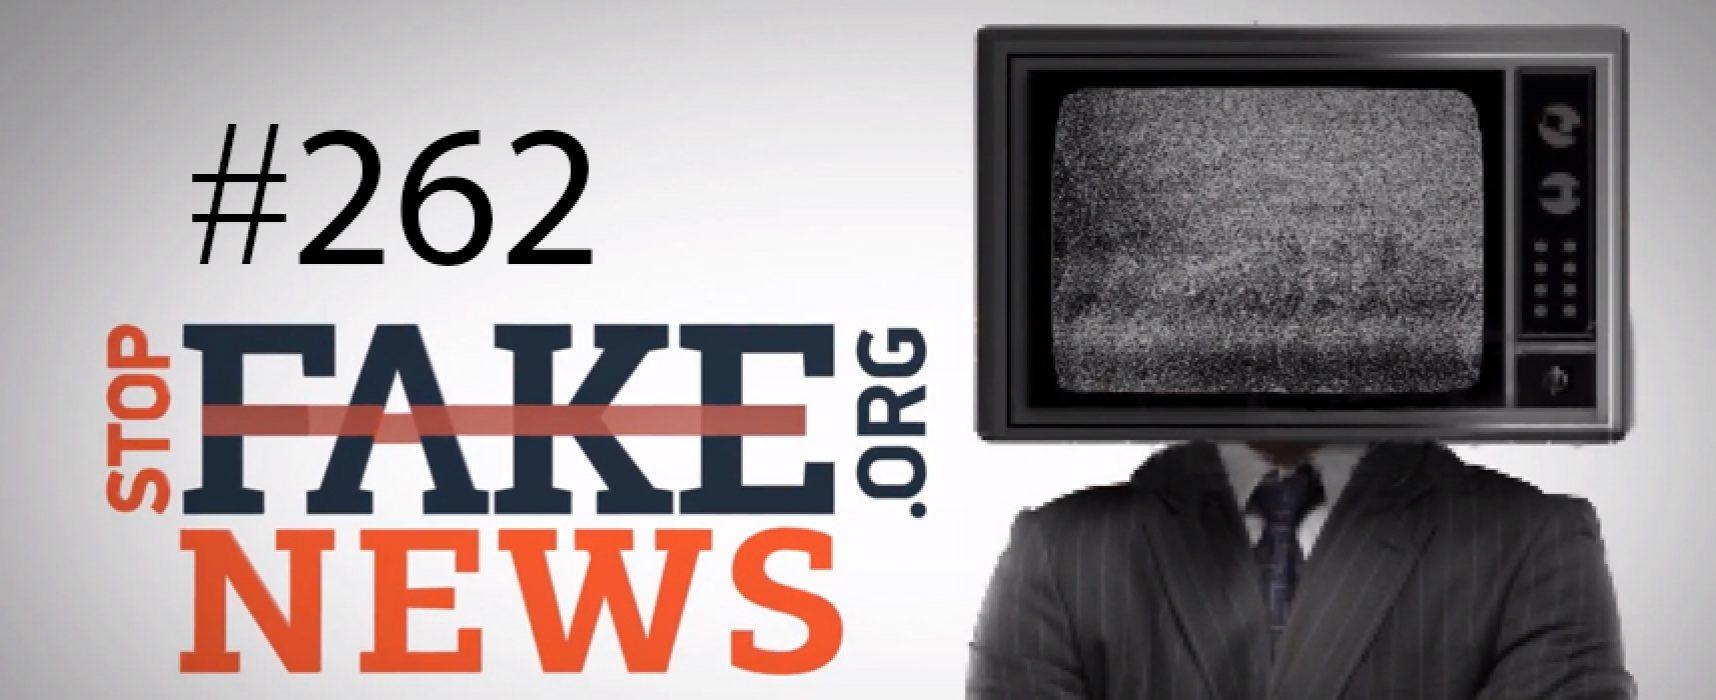 Трибунал, новые методы подсчета популярности и новости кинематографа — SFN #262